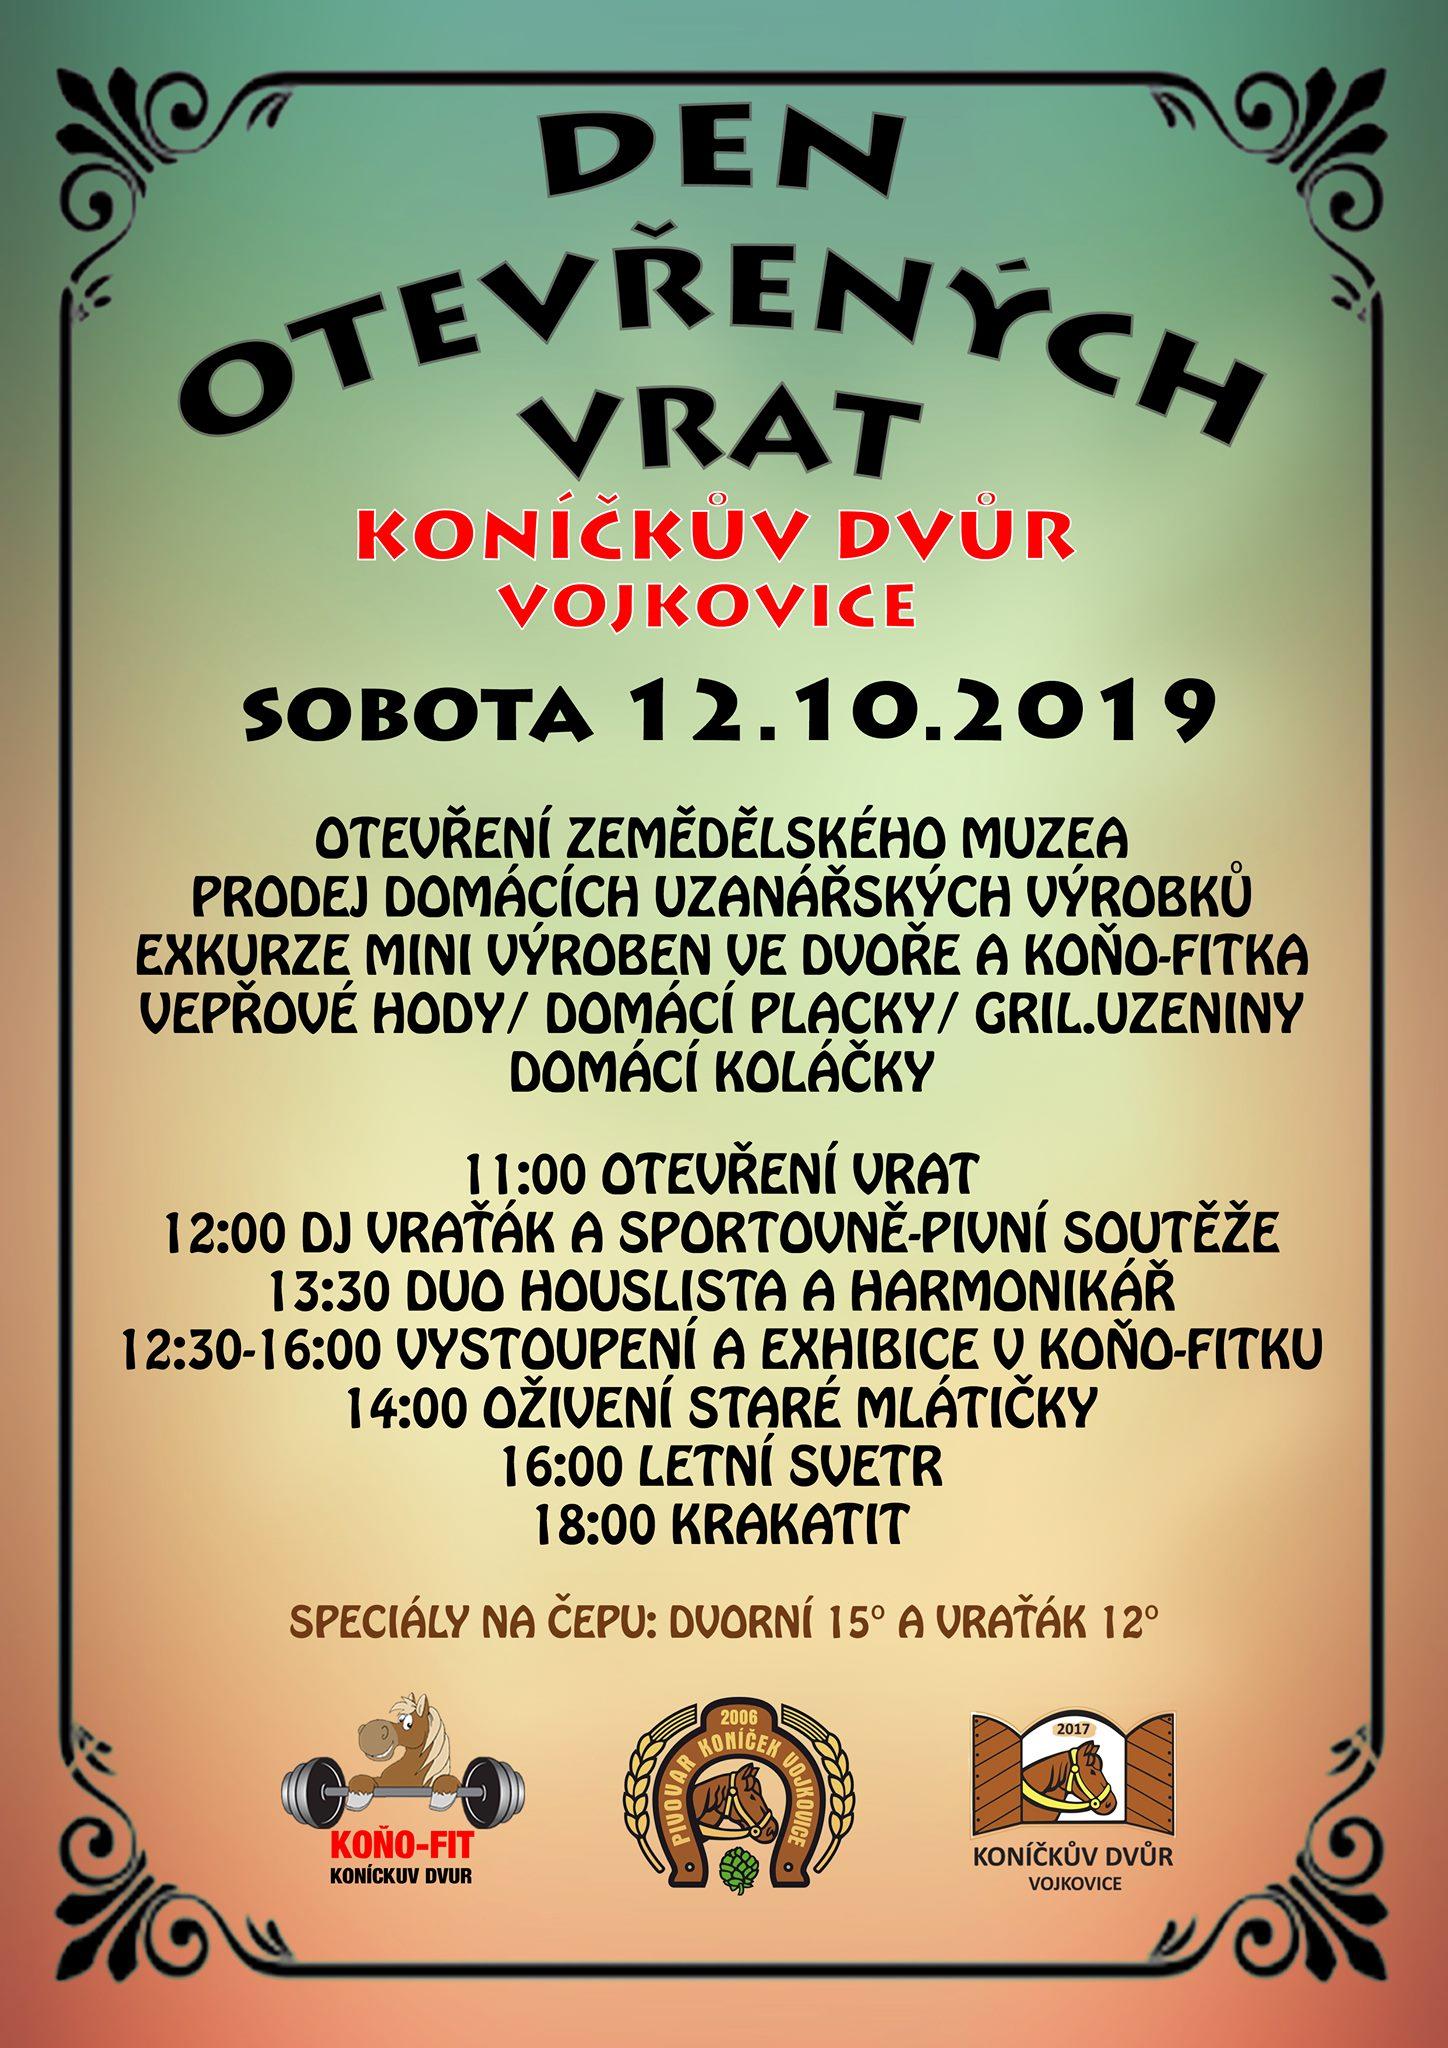 pivovari-pivovary-pivni-akce-den-otevrenych-vrat-konickuv-dvur-vojkovice-2019